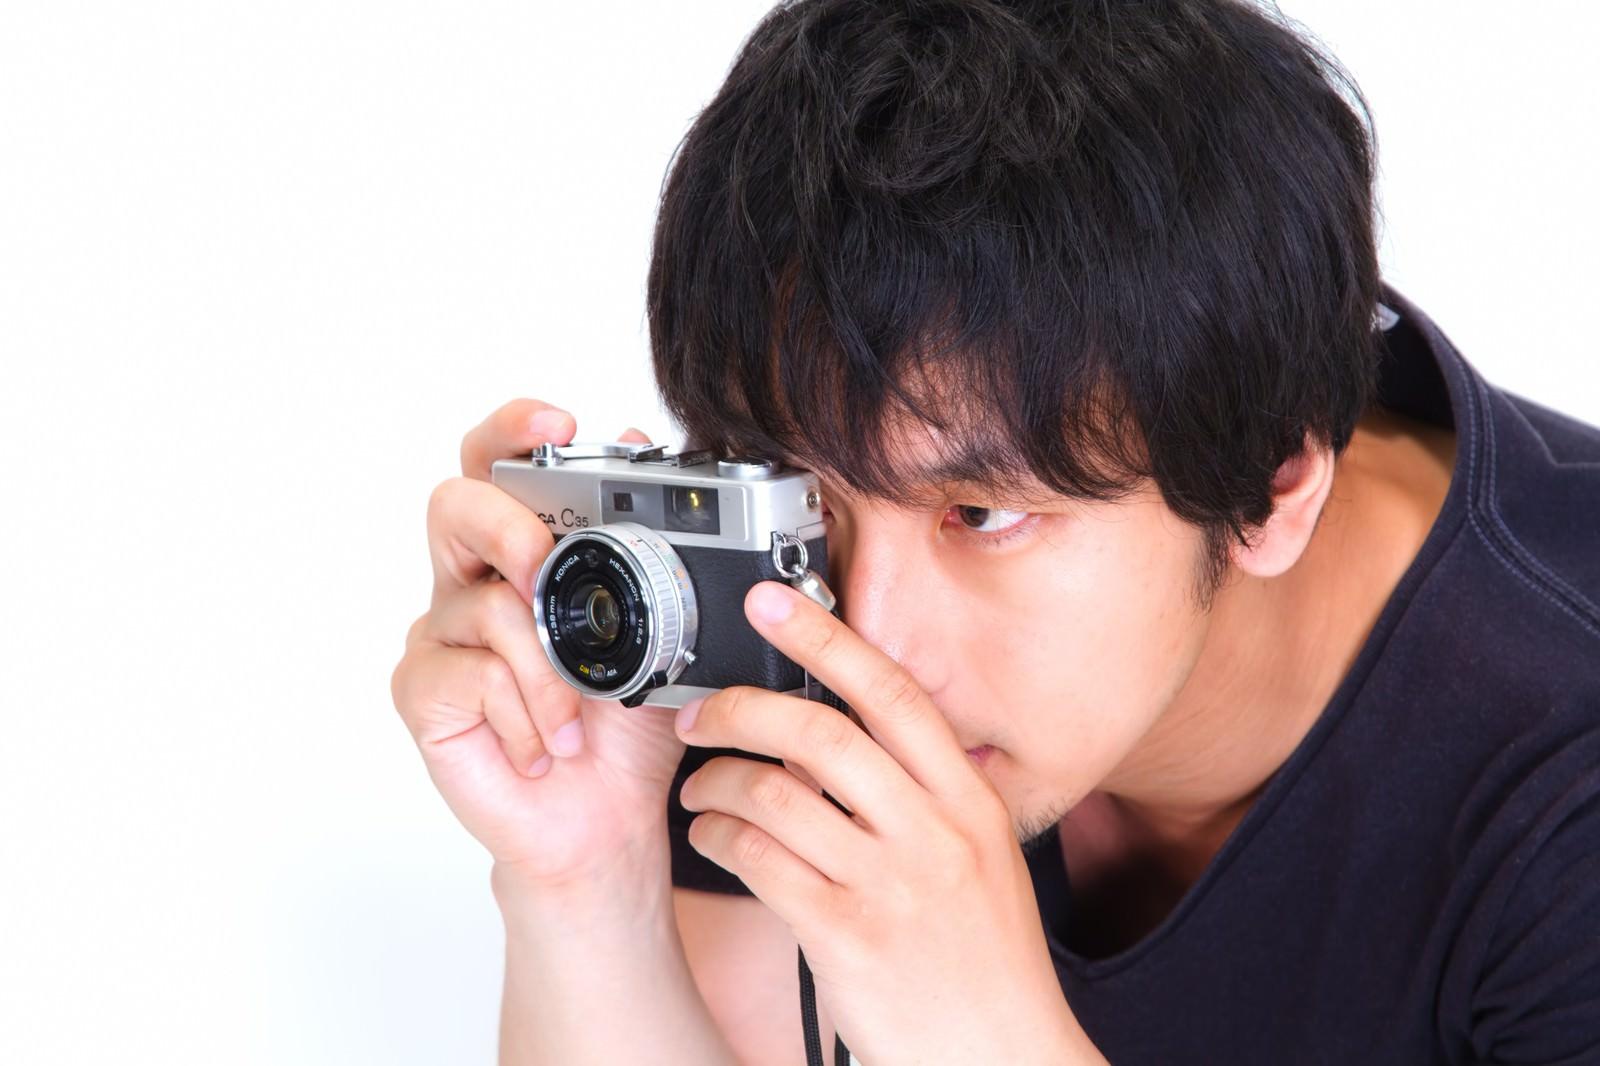 「「僕は撮り逃さない」とカメラを構える男性」の写真[モデル:大川竜弥]